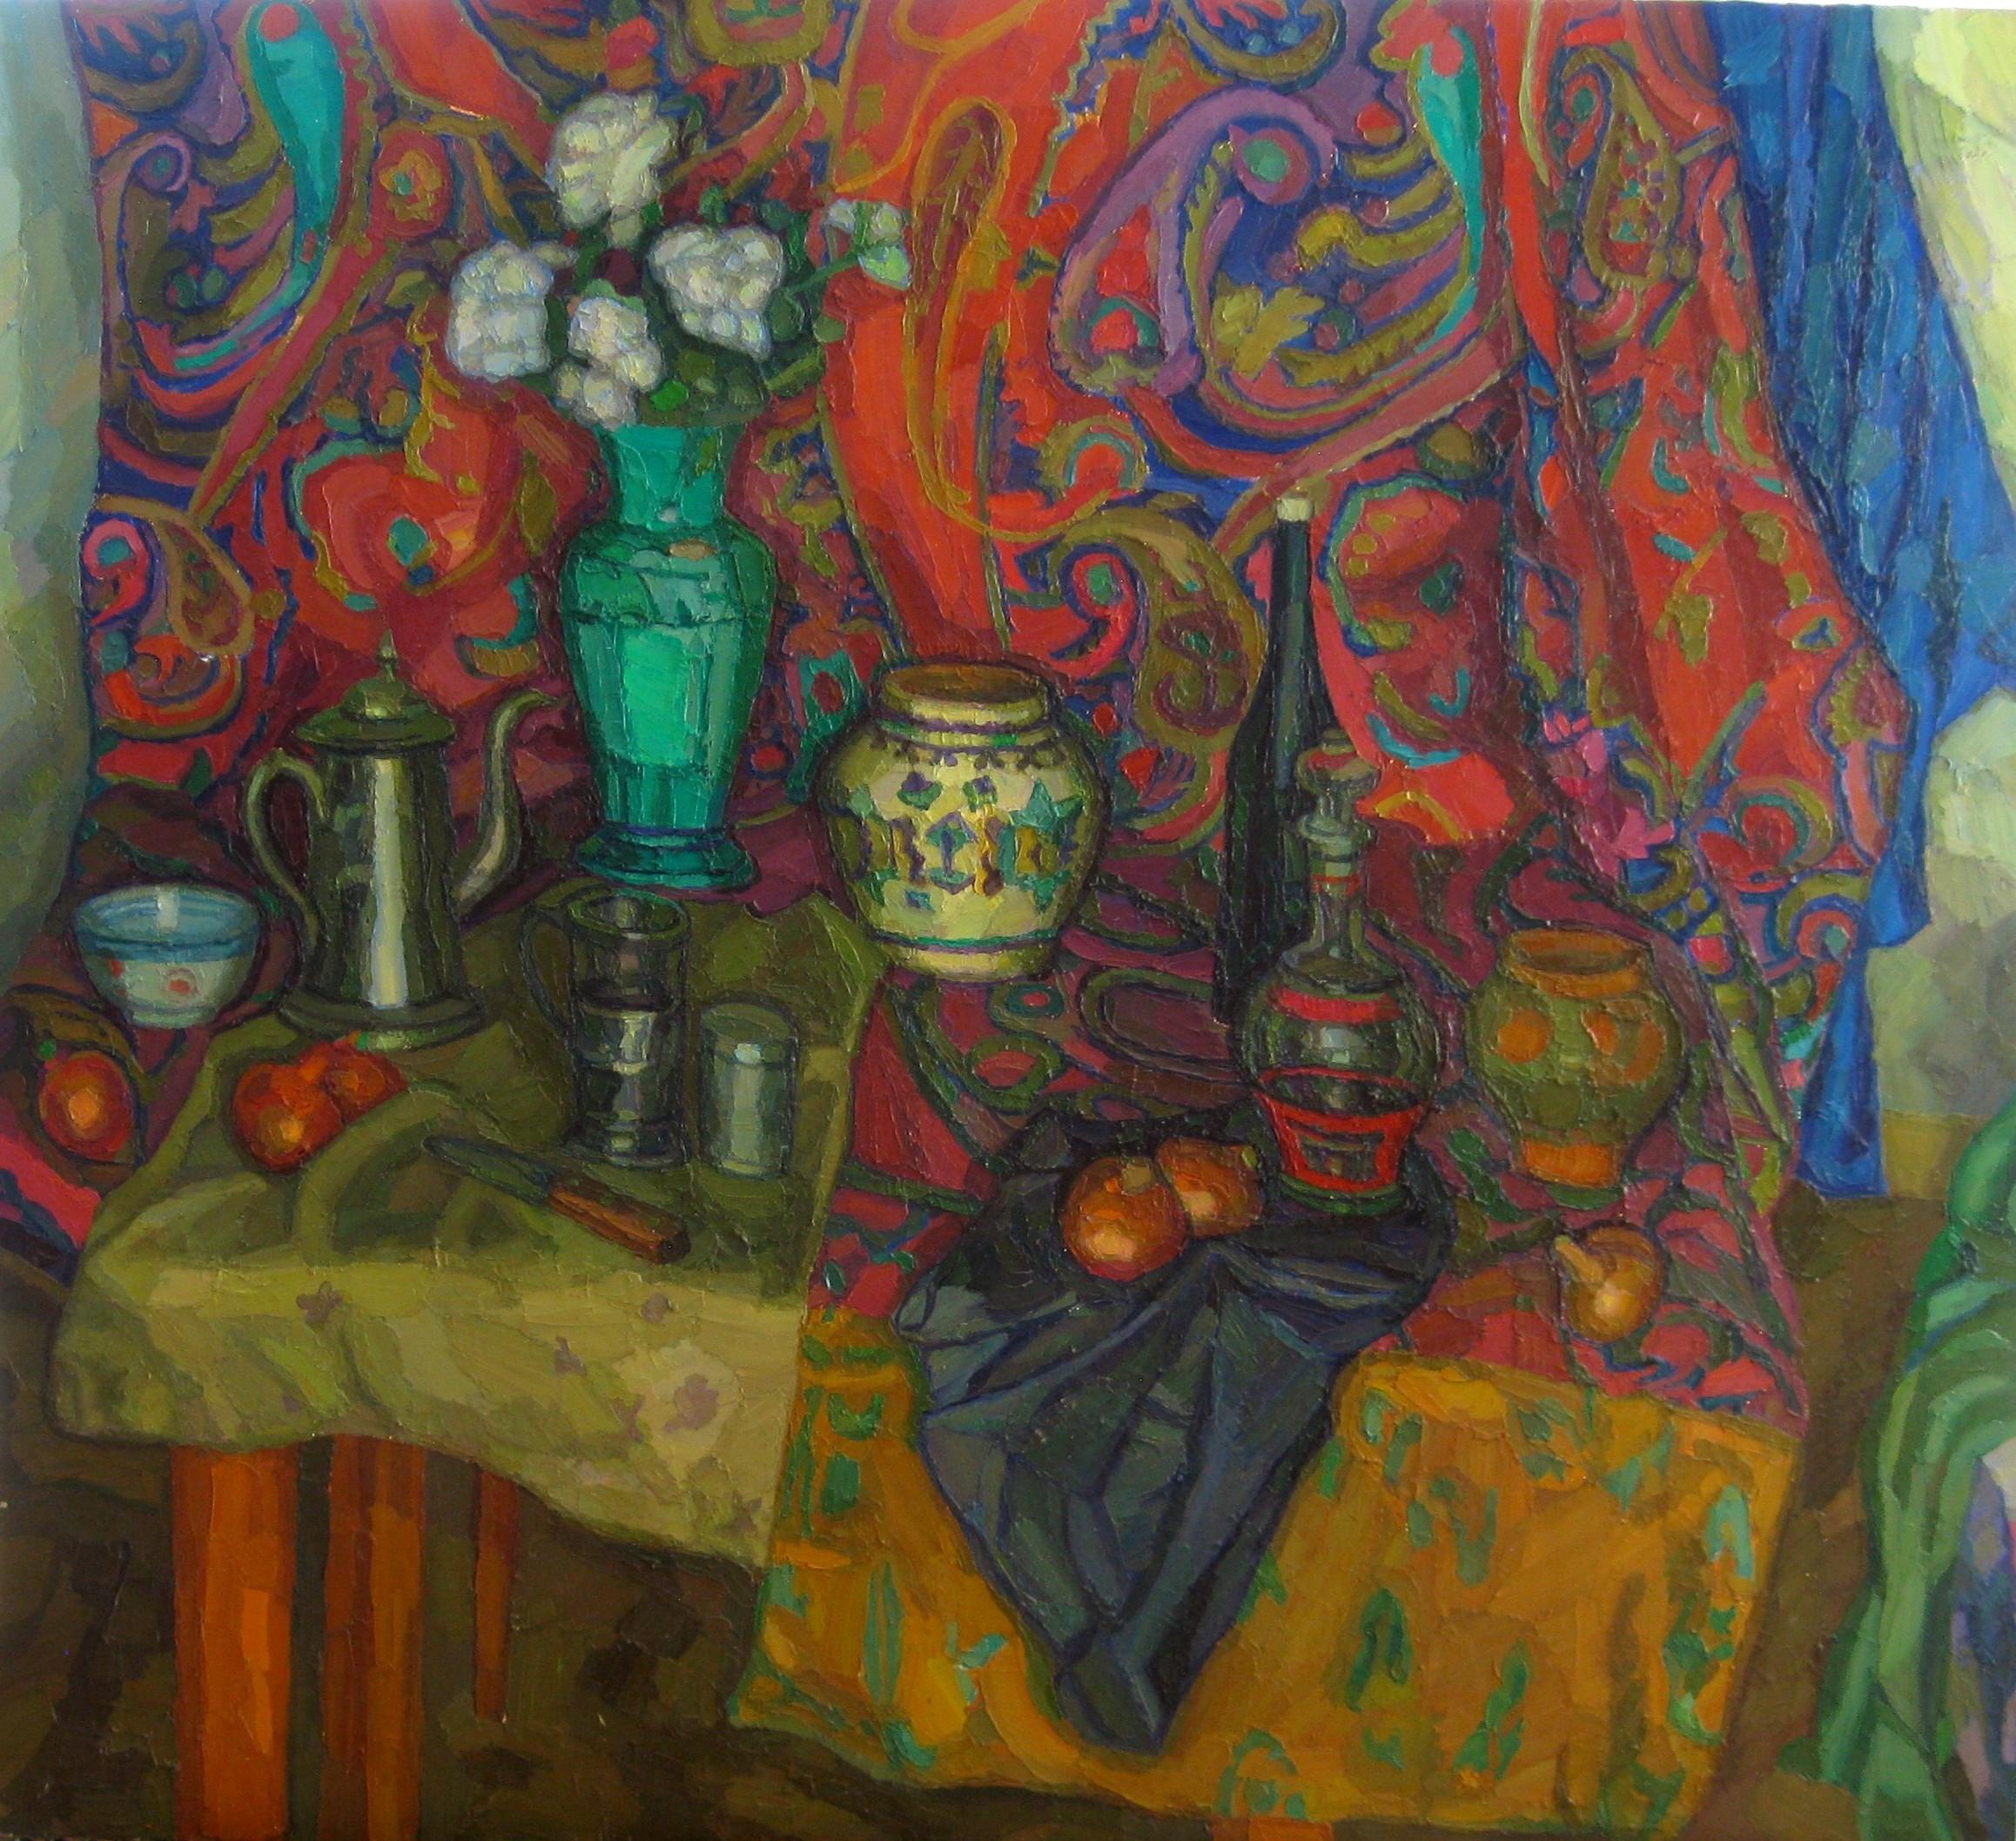 Калужский музей изобразительных искусств открывает персональную выставку московского художника Юрия Шестакова